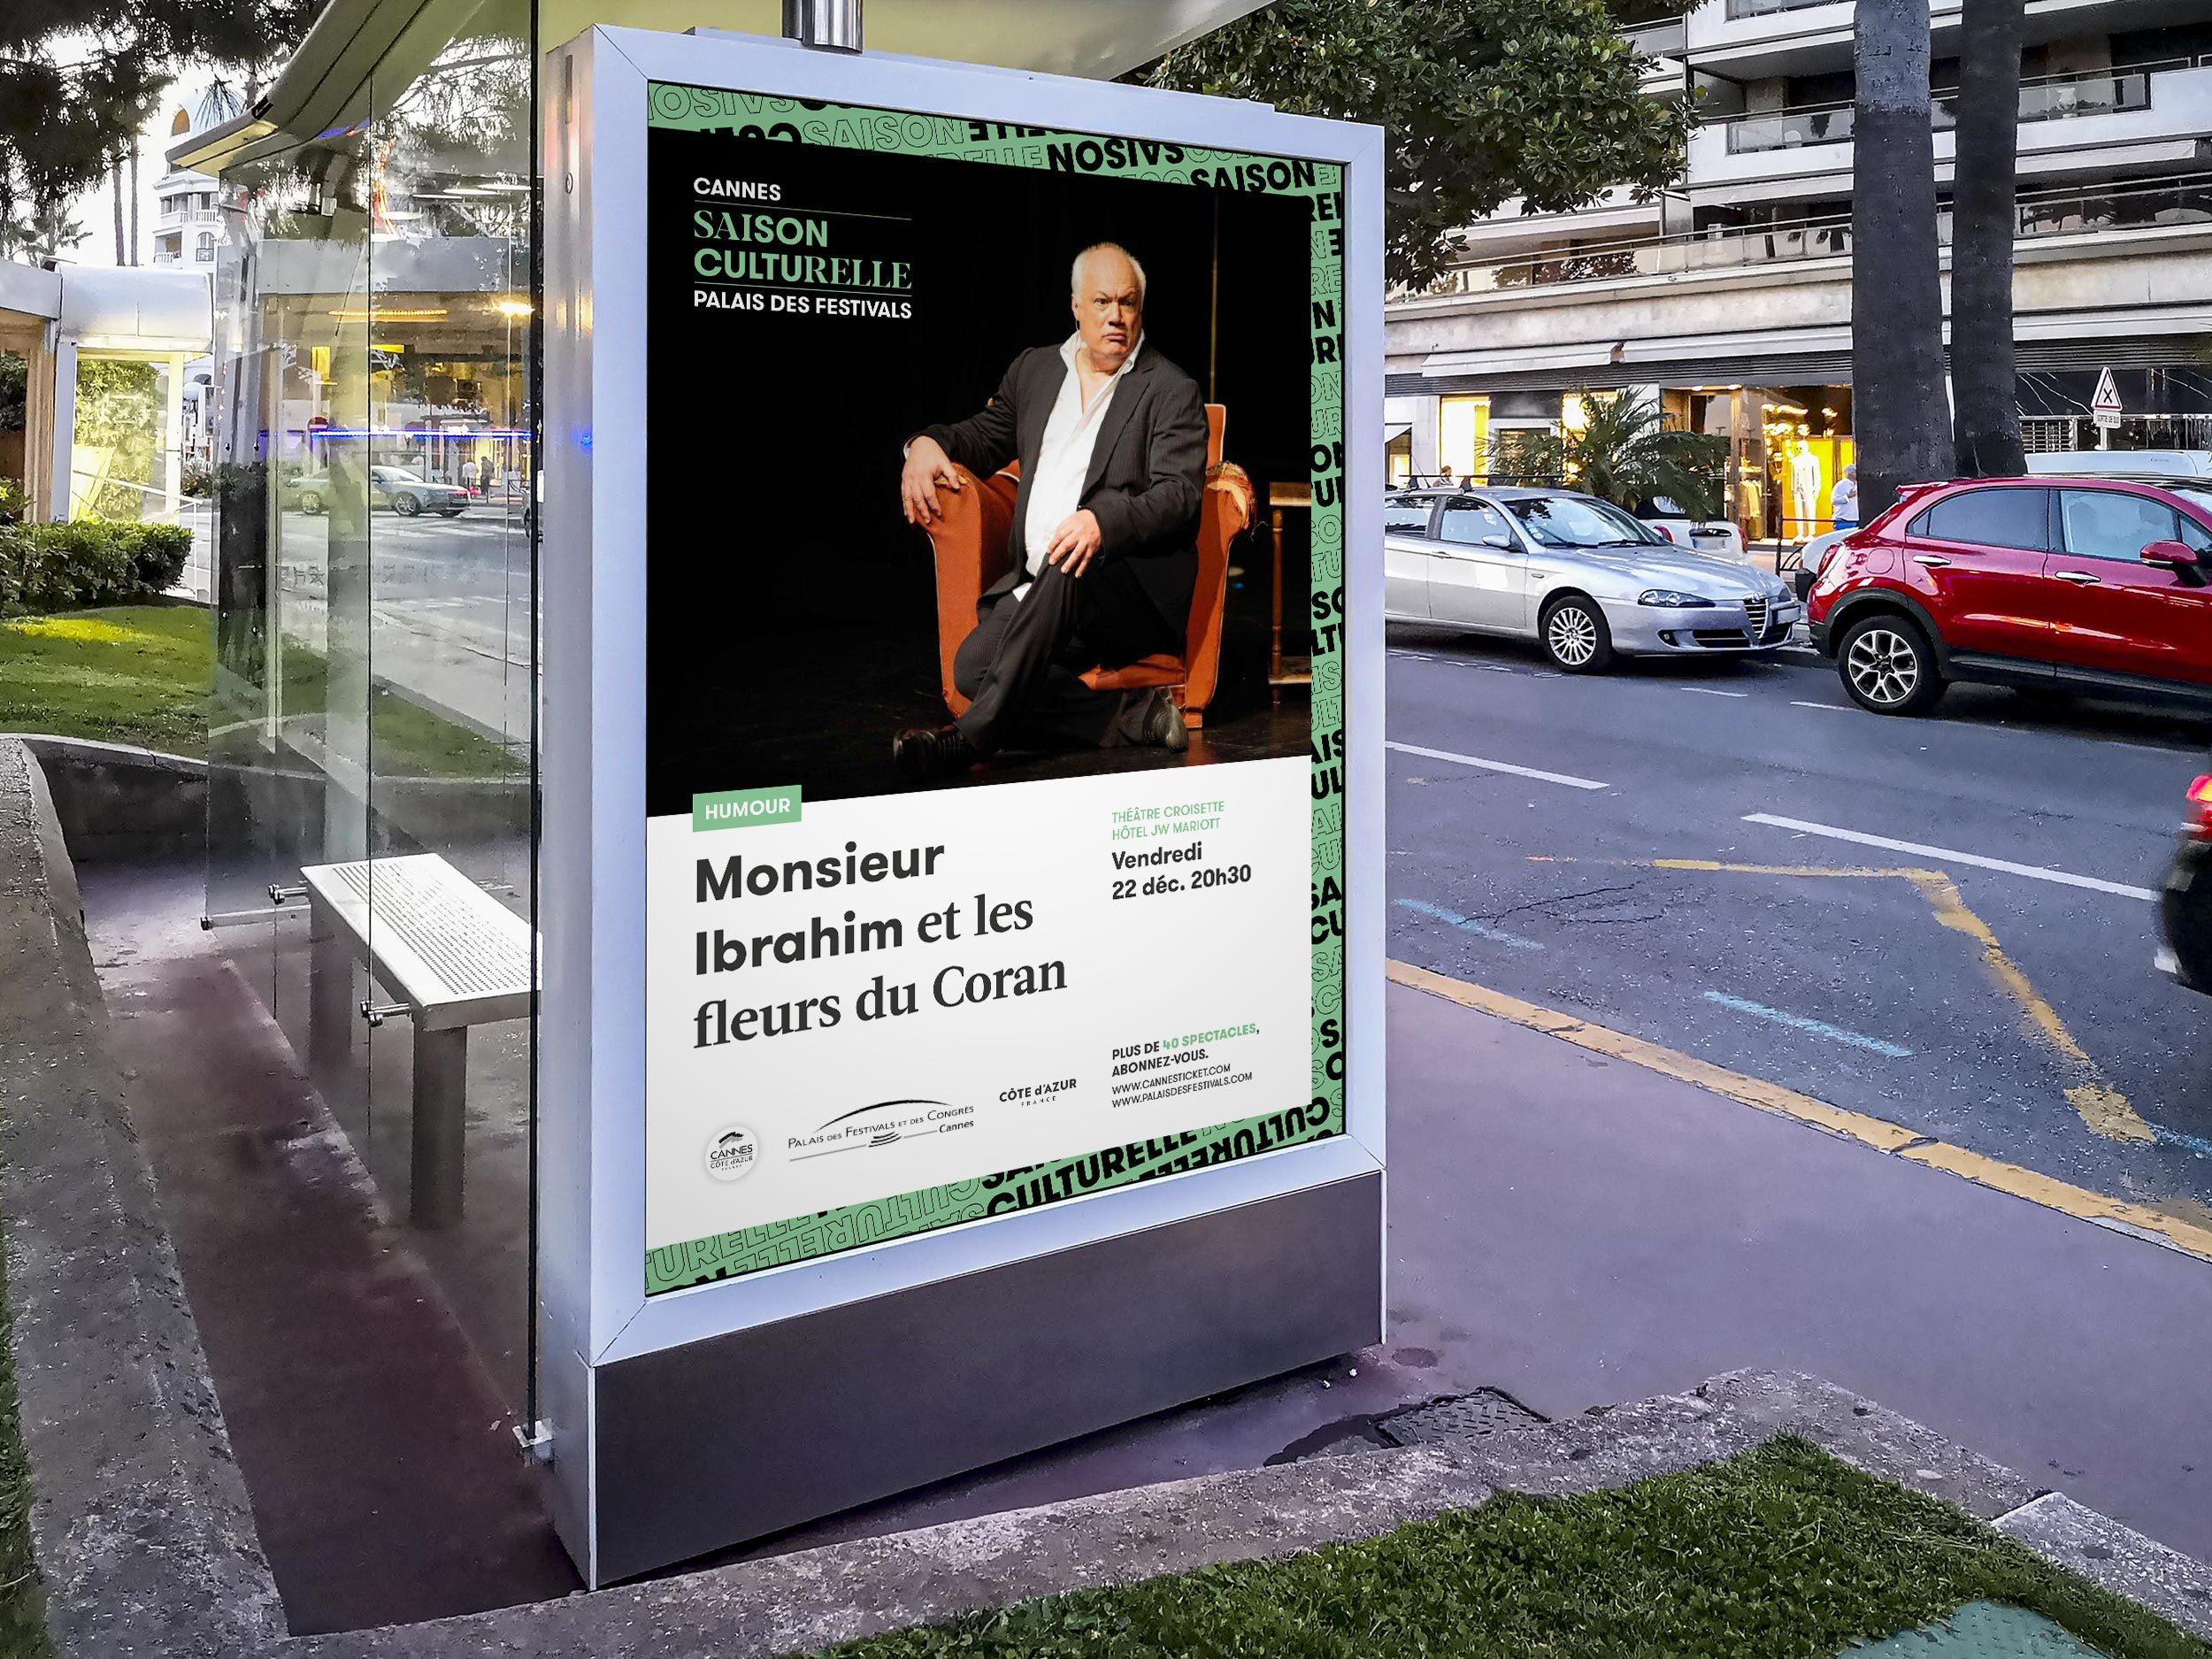 Palais Da Saison Culturelle Abris Bus Cannes 4